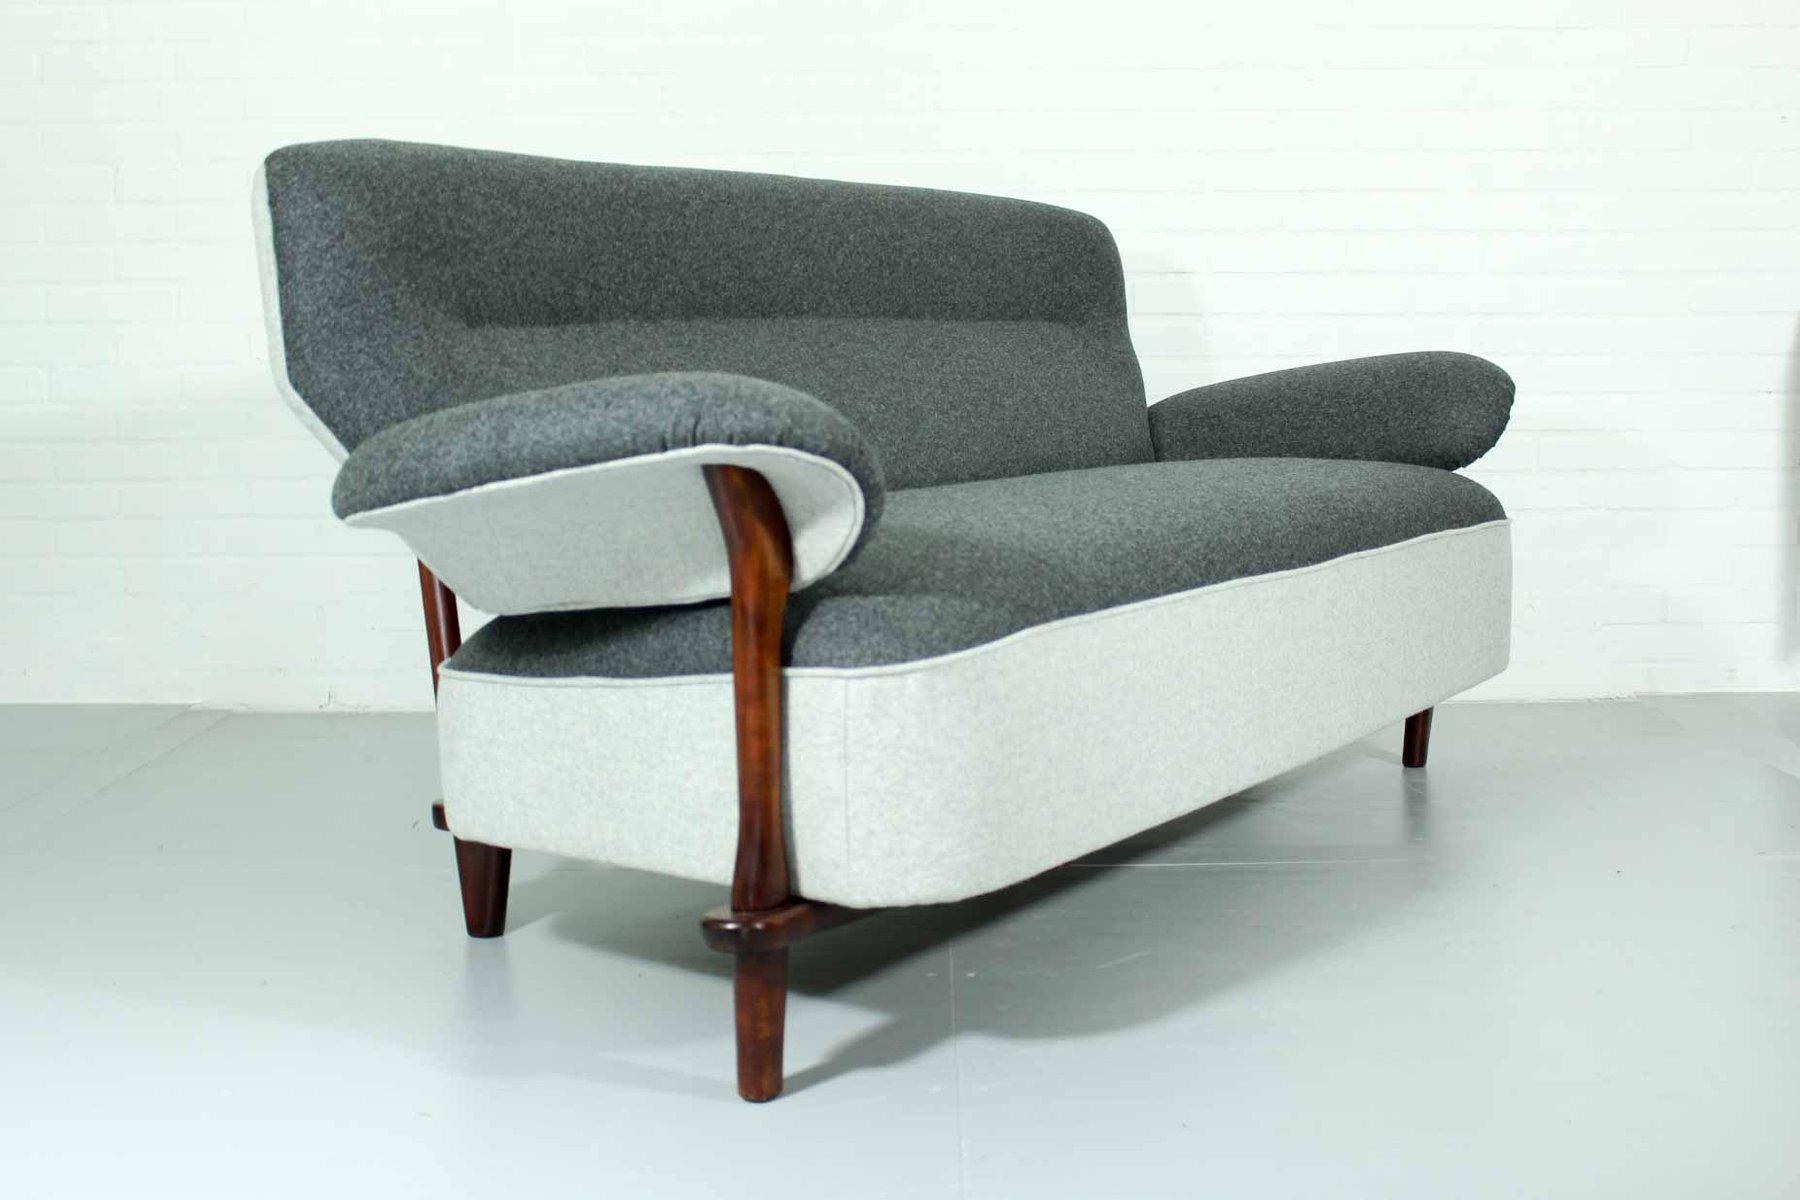 niederl ndisches mid century modell 109 sofa von theo ruth f r artifort 1950er bei pamono kaufen. Black Bedroom Furniture Sets. Home Design Ideas